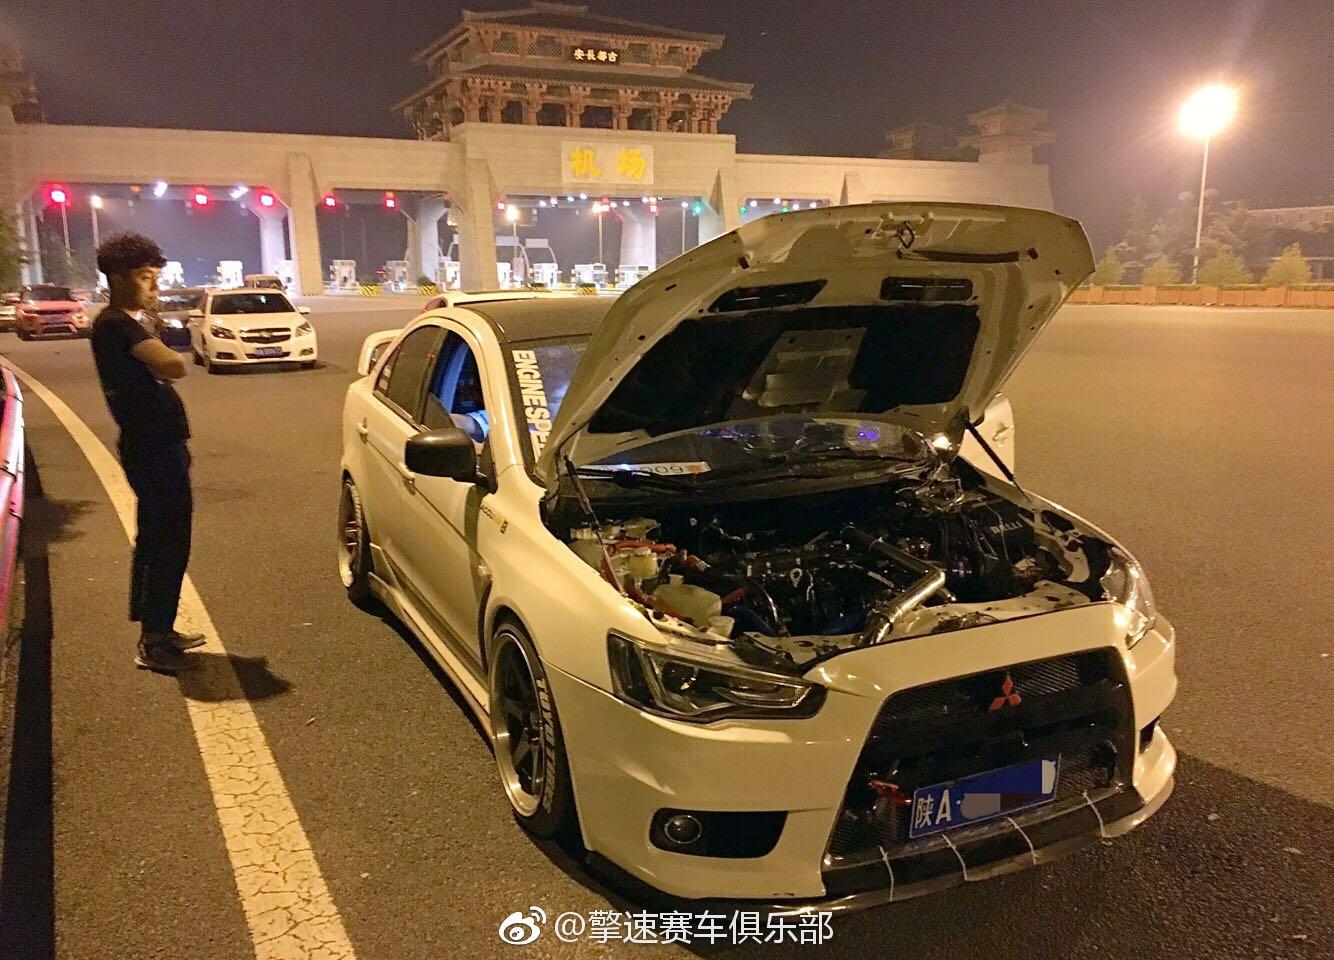 翼神4B11 2.0发动机移植4B12 2.4发动机,改装TD05涡轮增压。涡轮压力0.6Bar